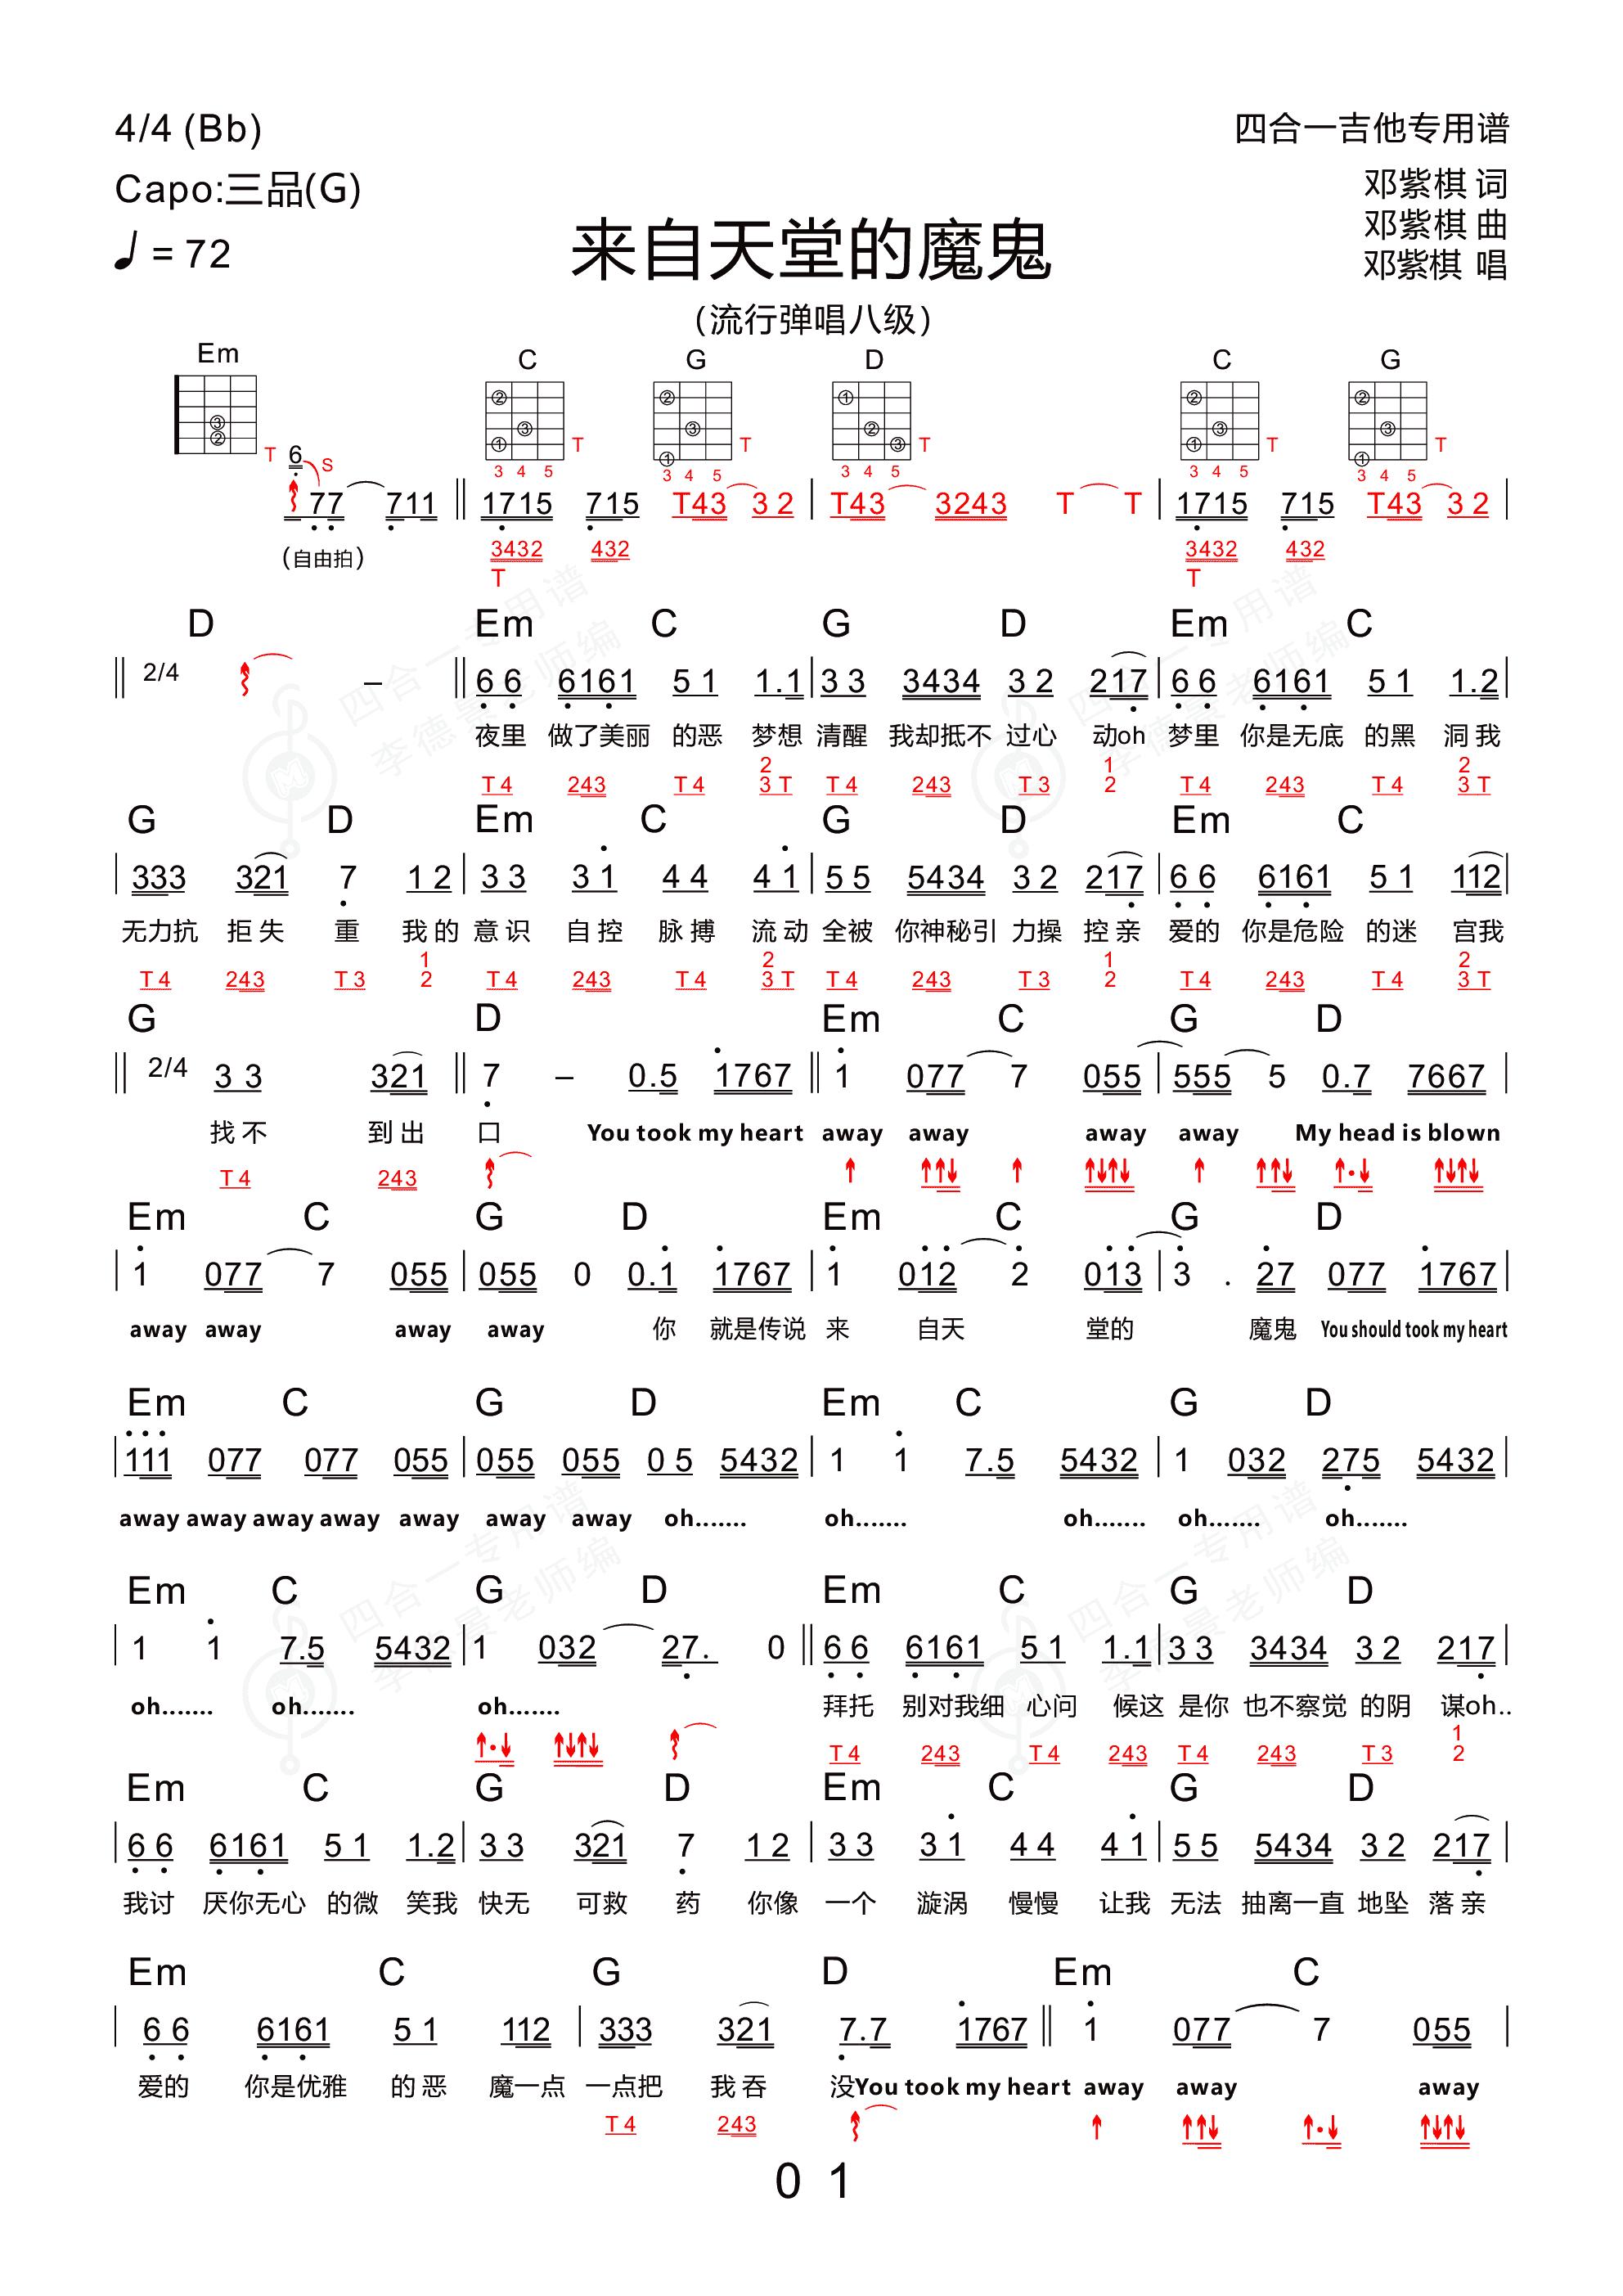 来自天堂的魔鬼(新四合一吉他专用谱)吉他谱1